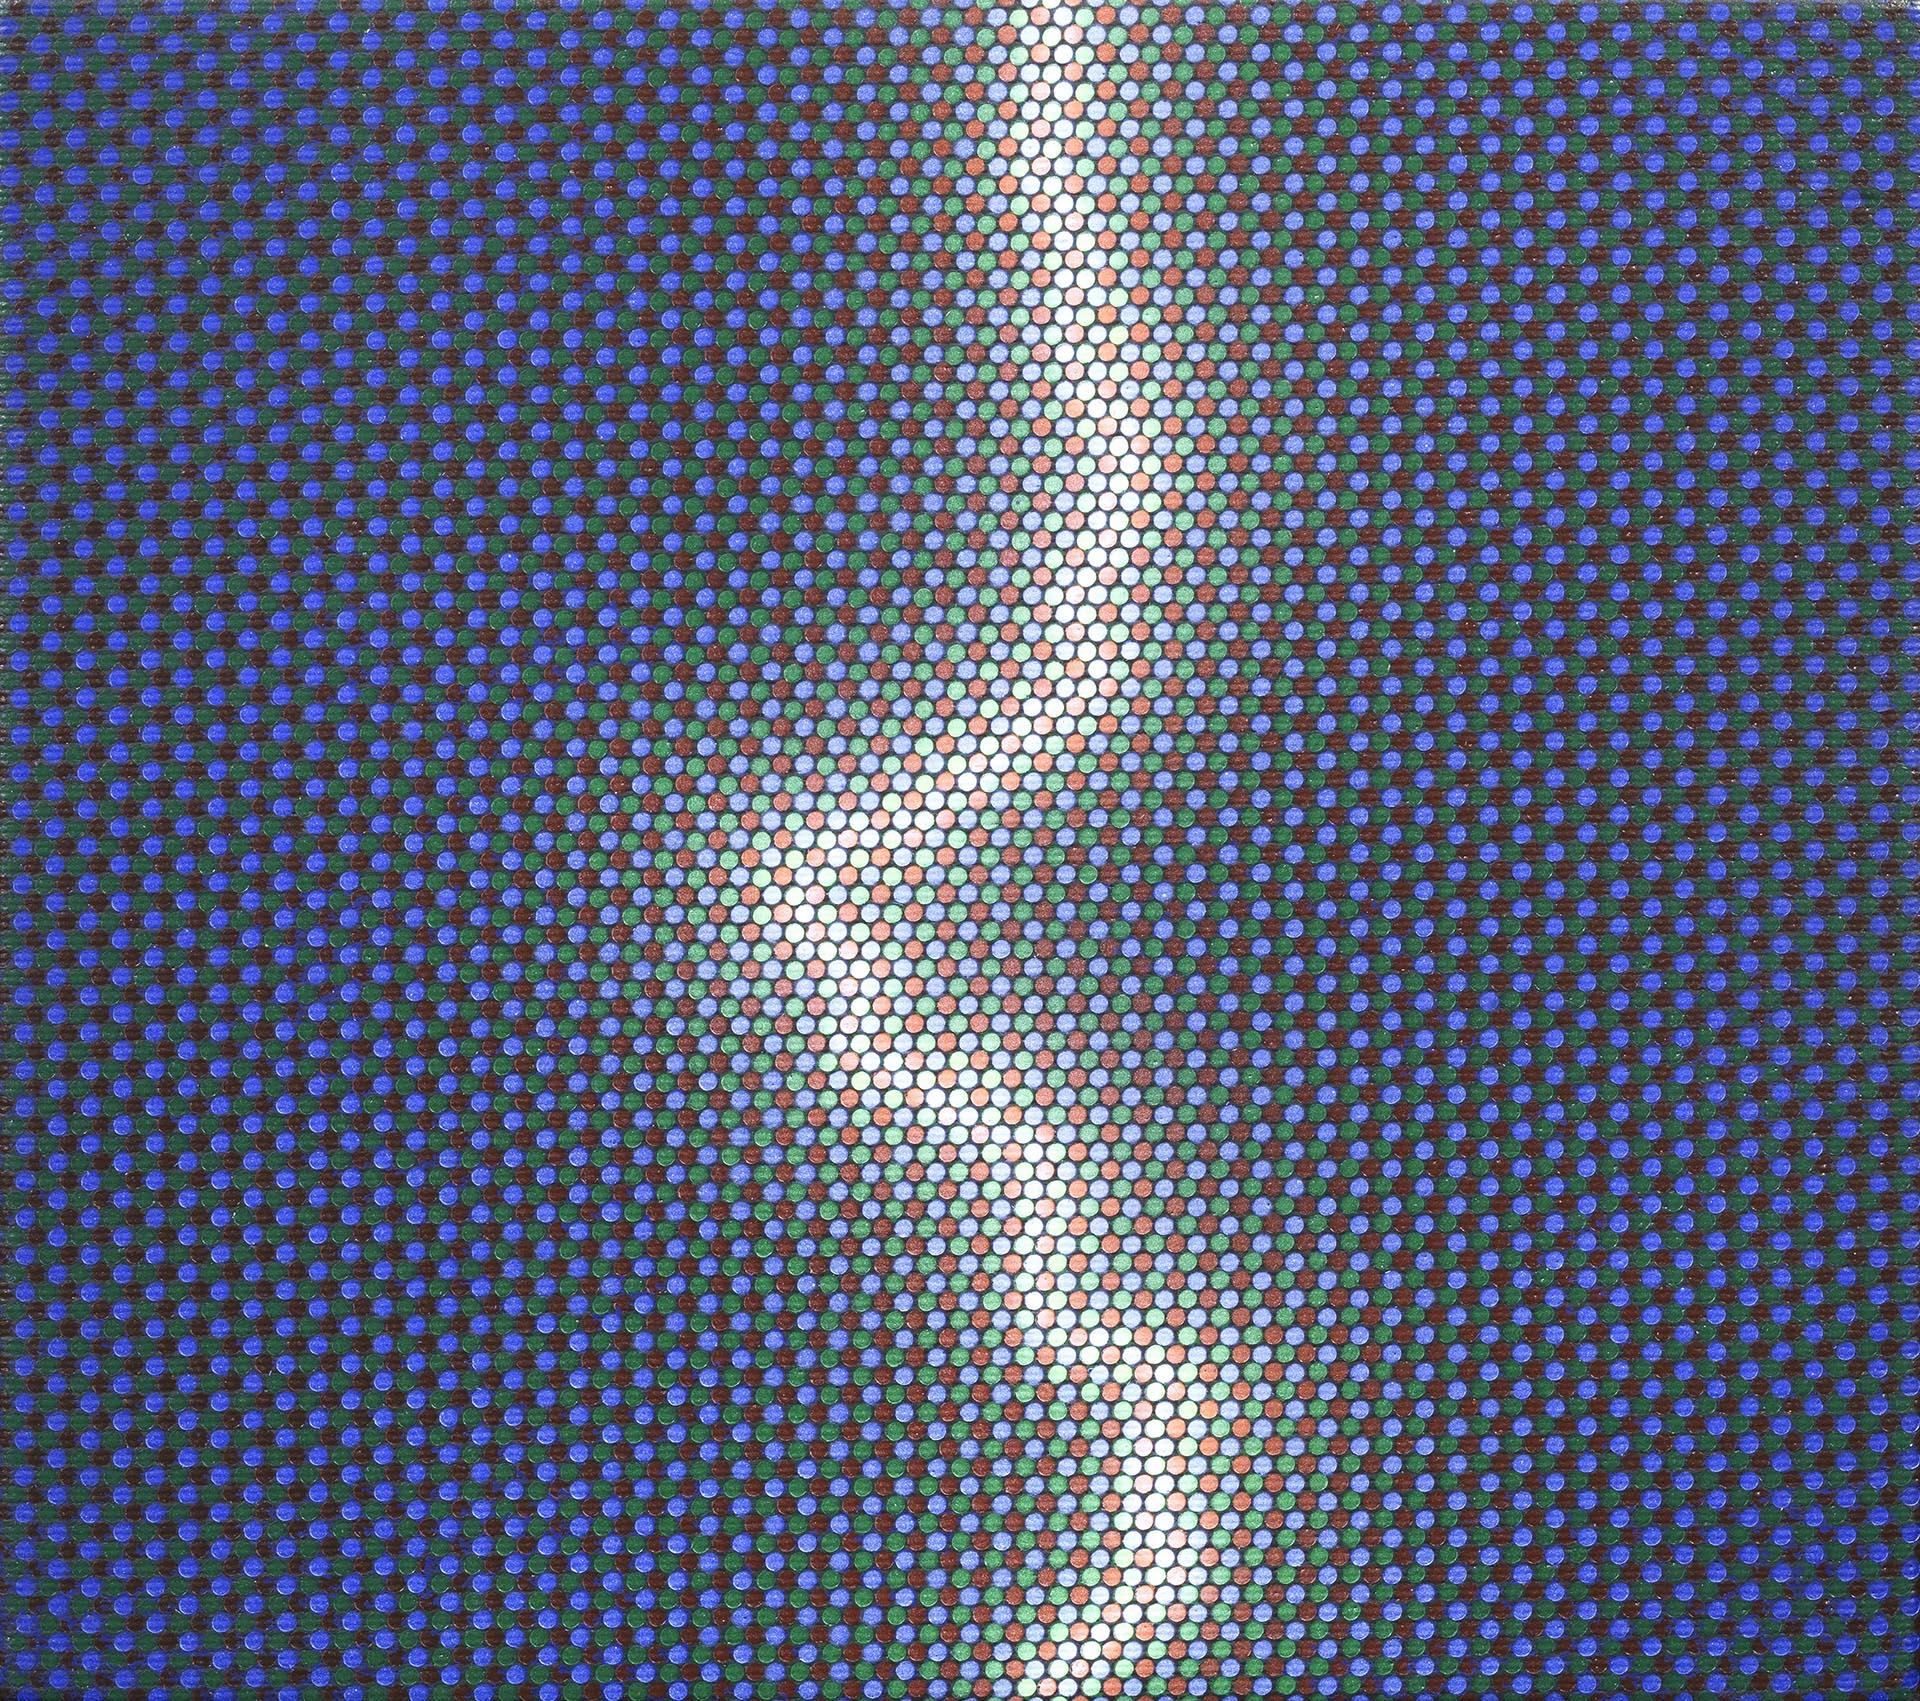 Pintaldi, Senza titolo, 2015, 22x24,5 cm